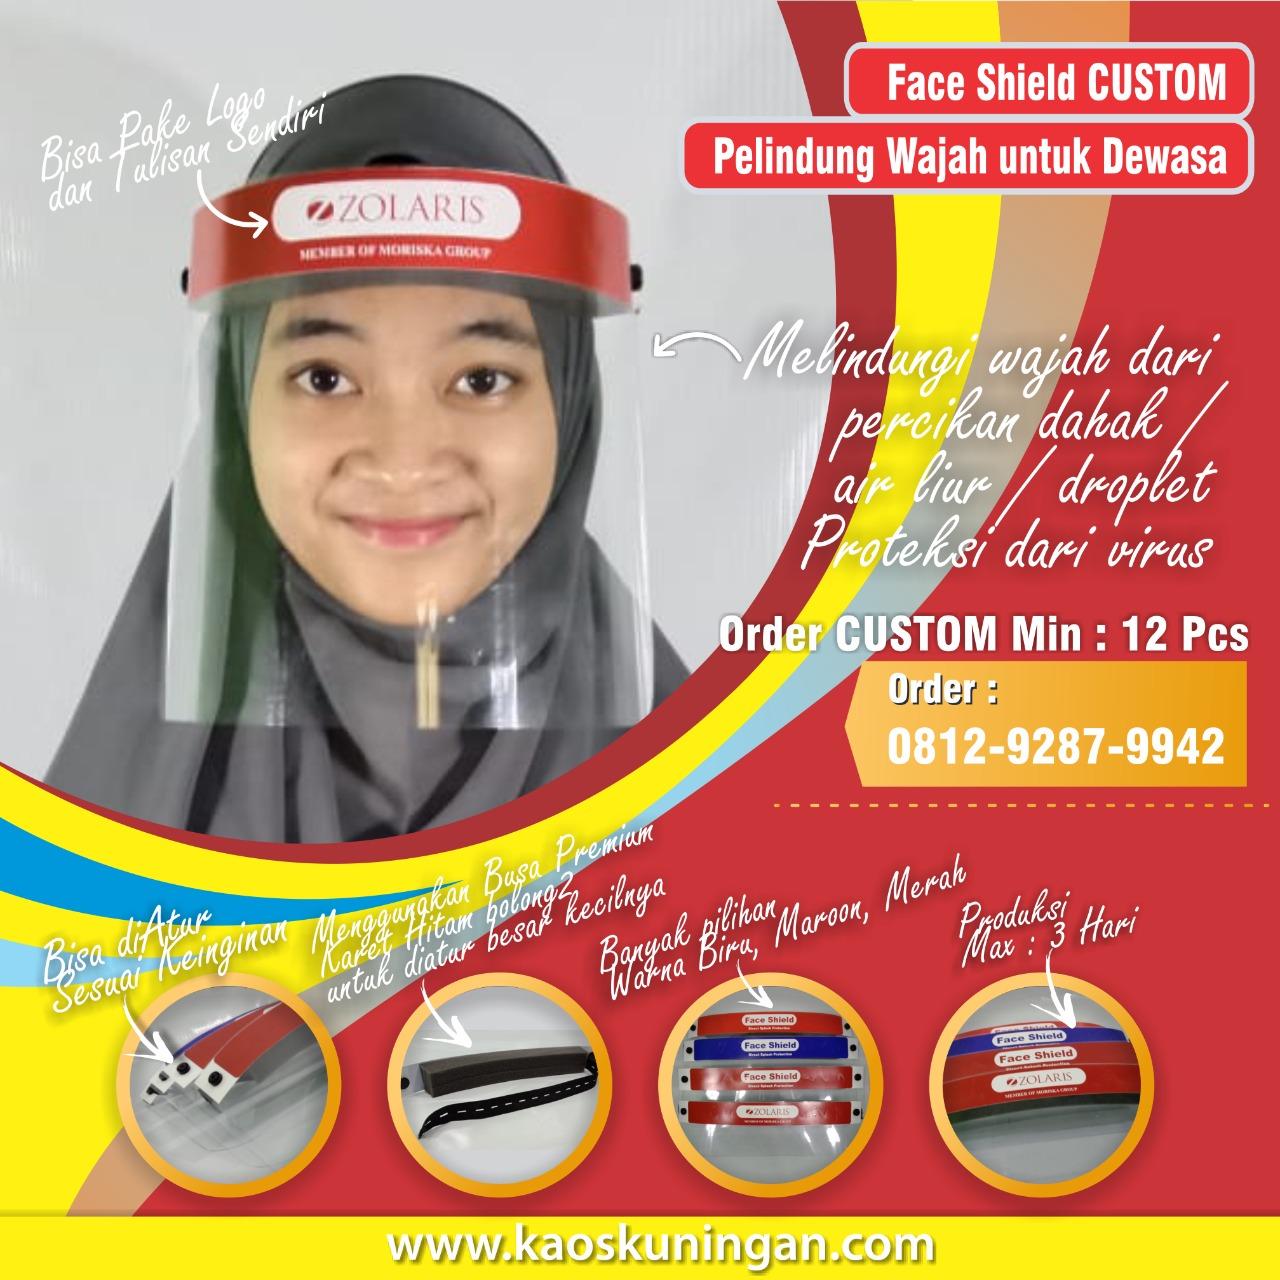 Jual Face shield Termurah di Kuningan Jawa Barat WA 081221309937